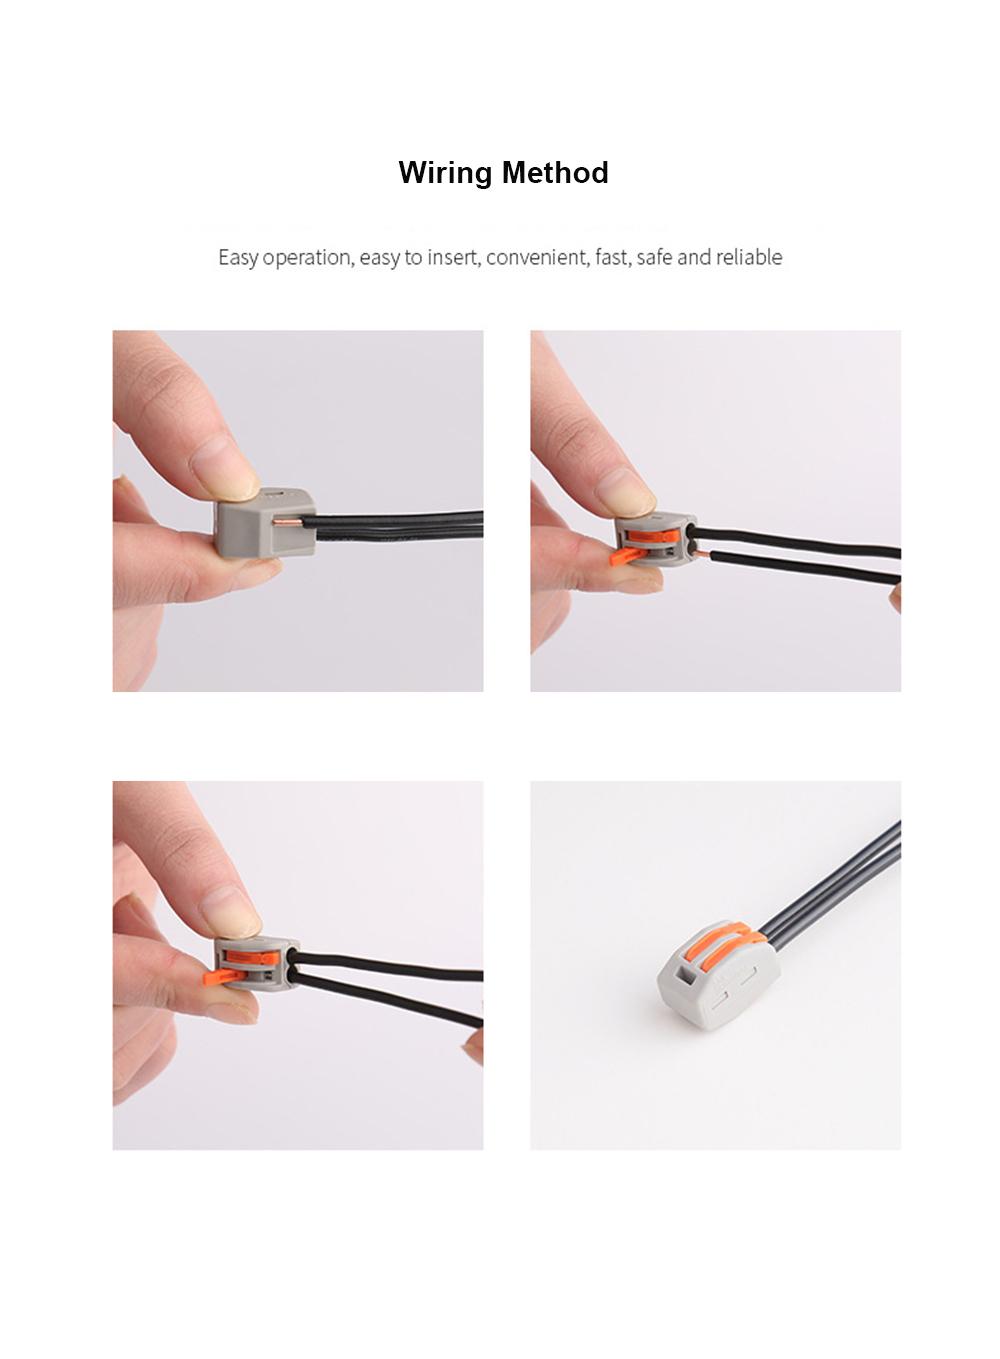 Plug-in type Terminal-Wiring Method